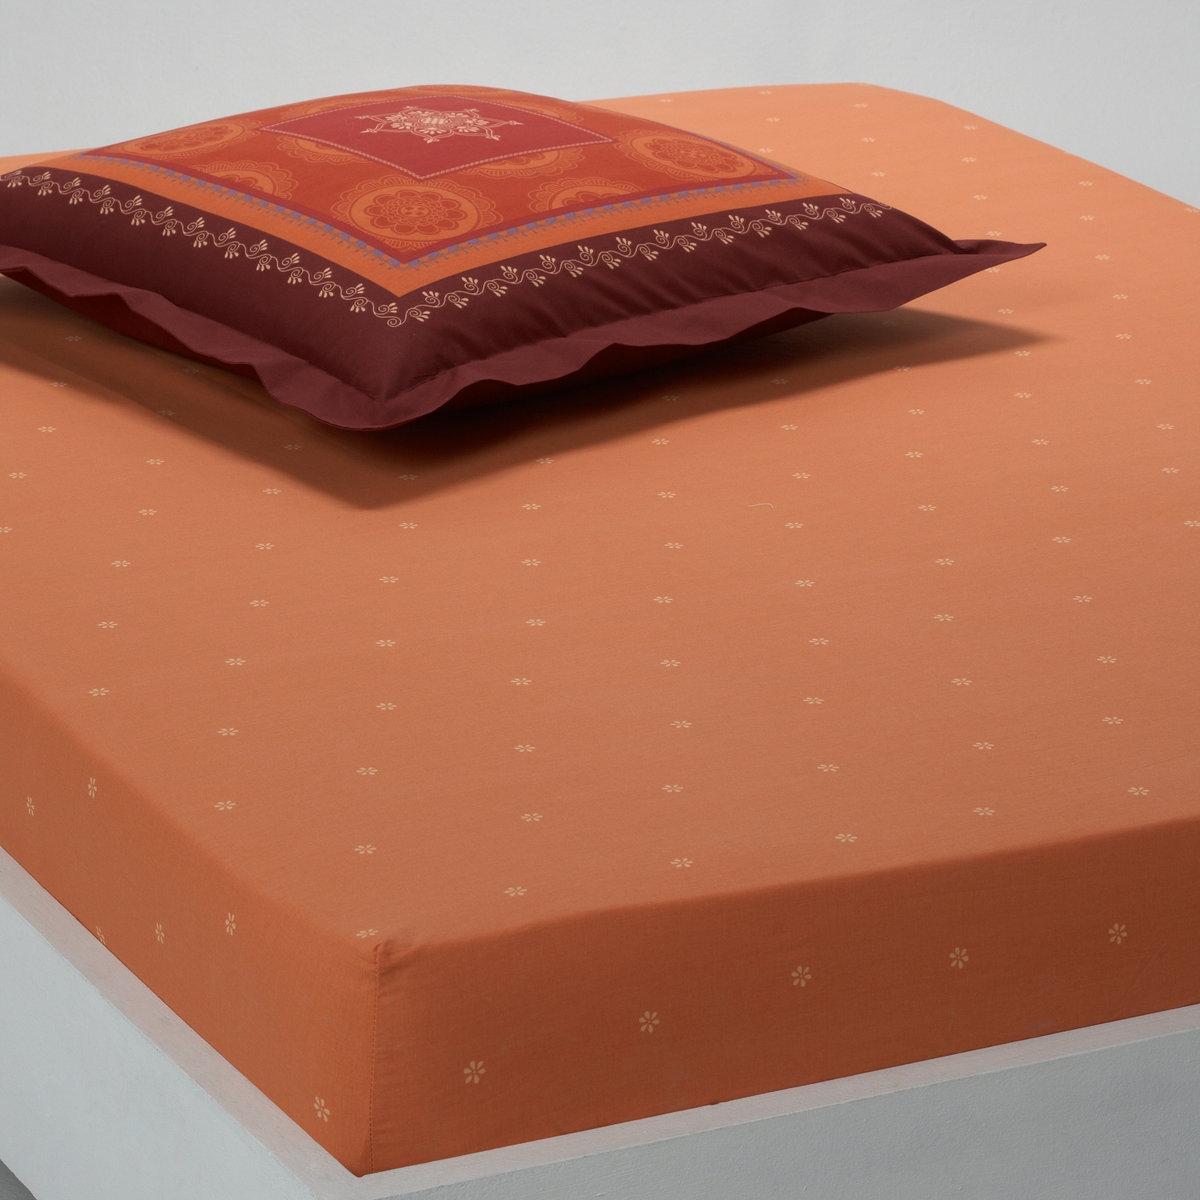 Натяжная простыня АгадирМелкий рисунок на фоне цвета охры. 100% хлопка. Стирка при 60°. Качество Valeur S?re за ткань с плотным переплетением нитей (57 нитей/см?).<br><br>Цвет: охра